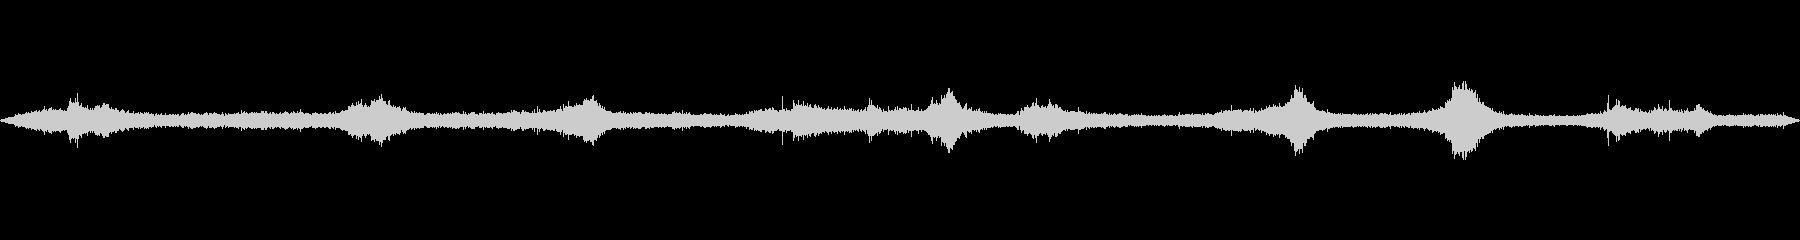 白浜 砂浜 白波のバイノーラル録音の未再生の波形